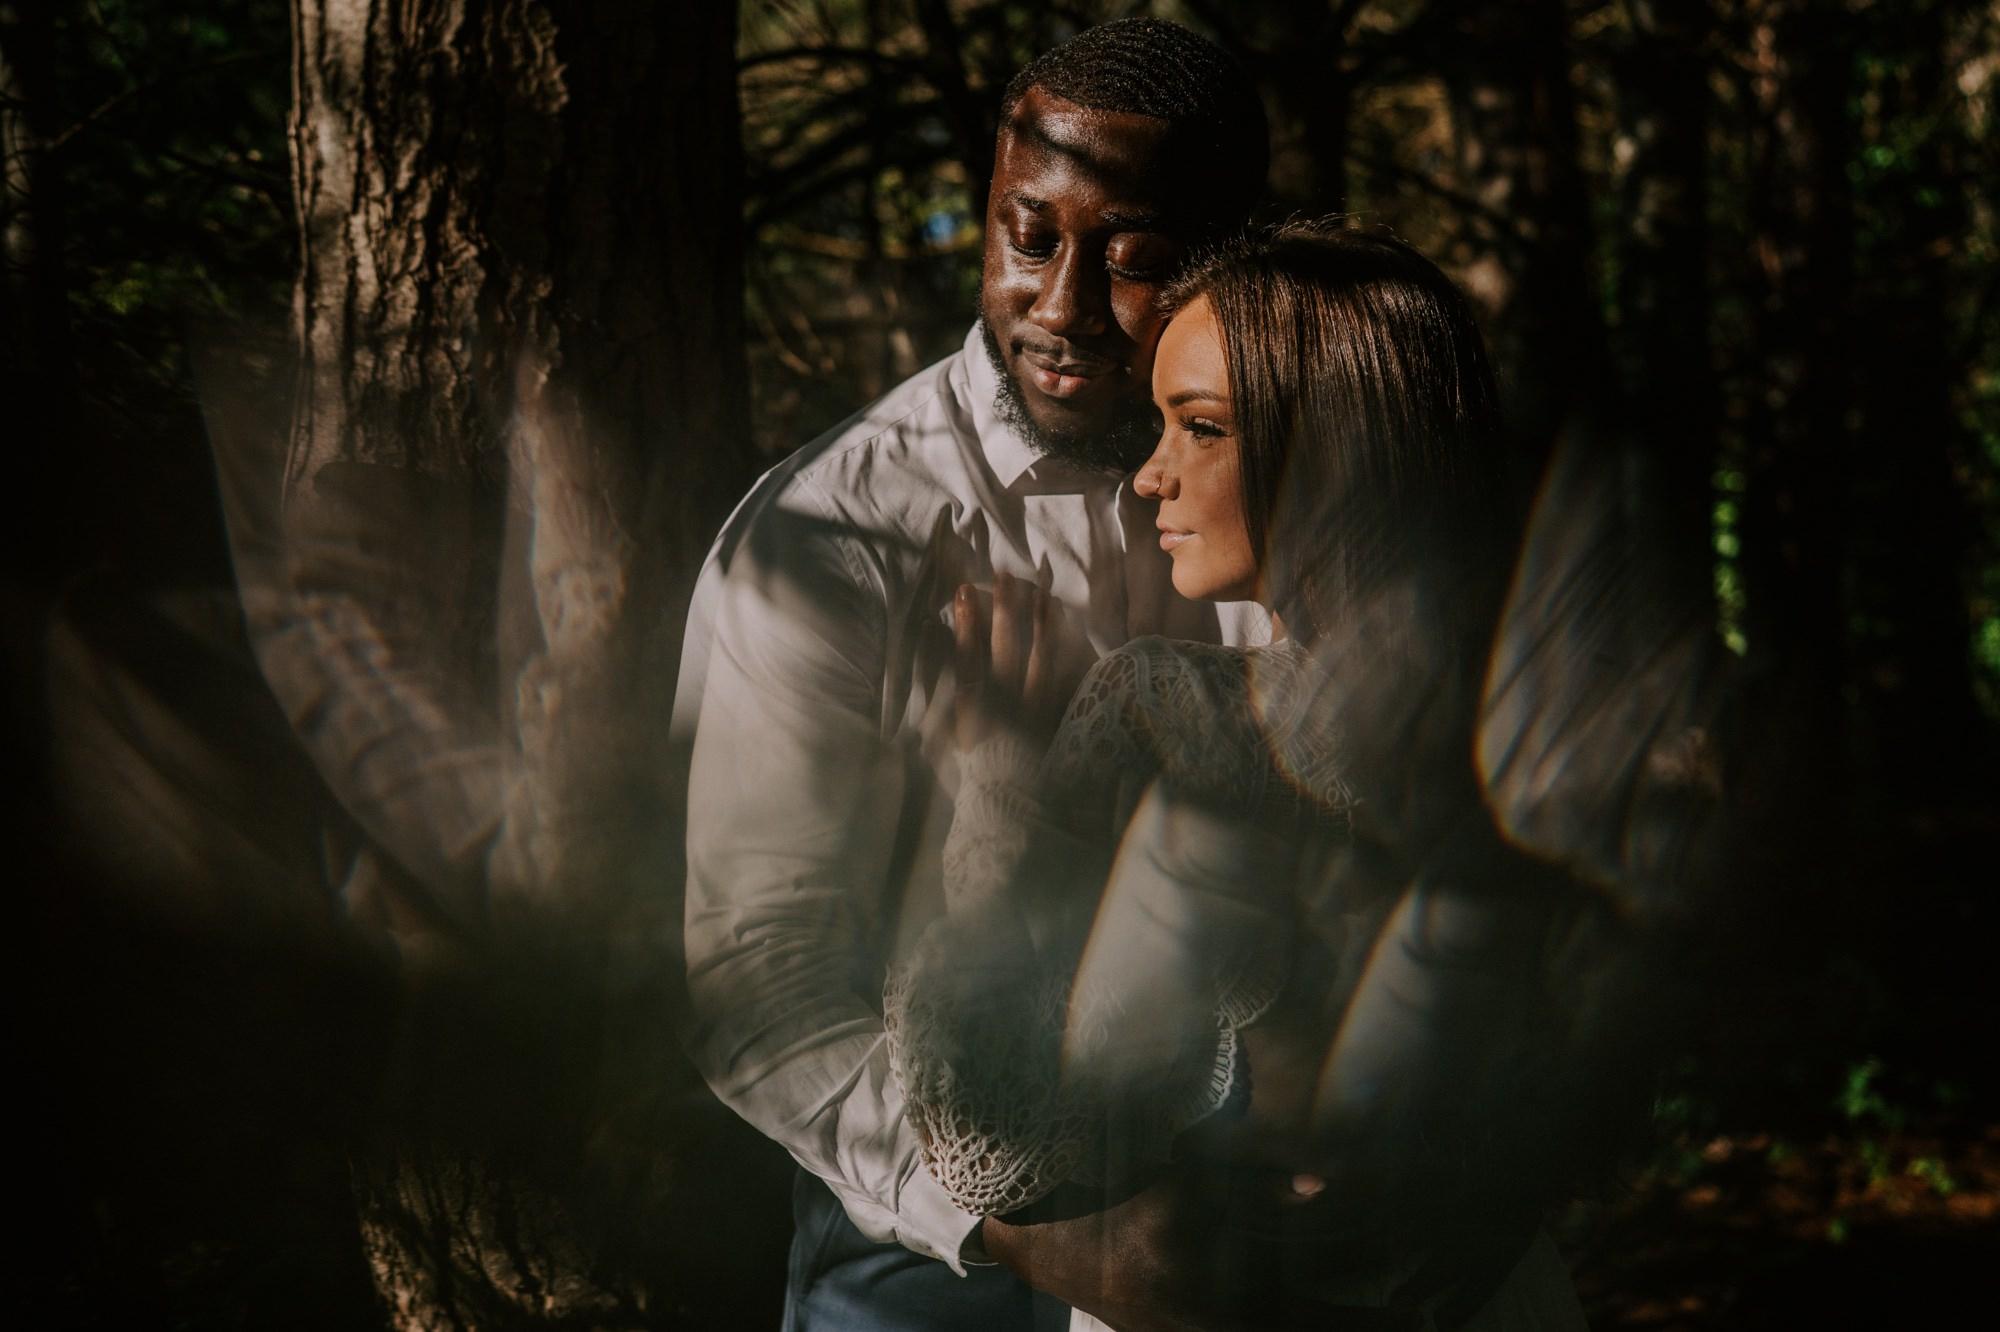 Prism Couples photo at burr oak woods engagement session